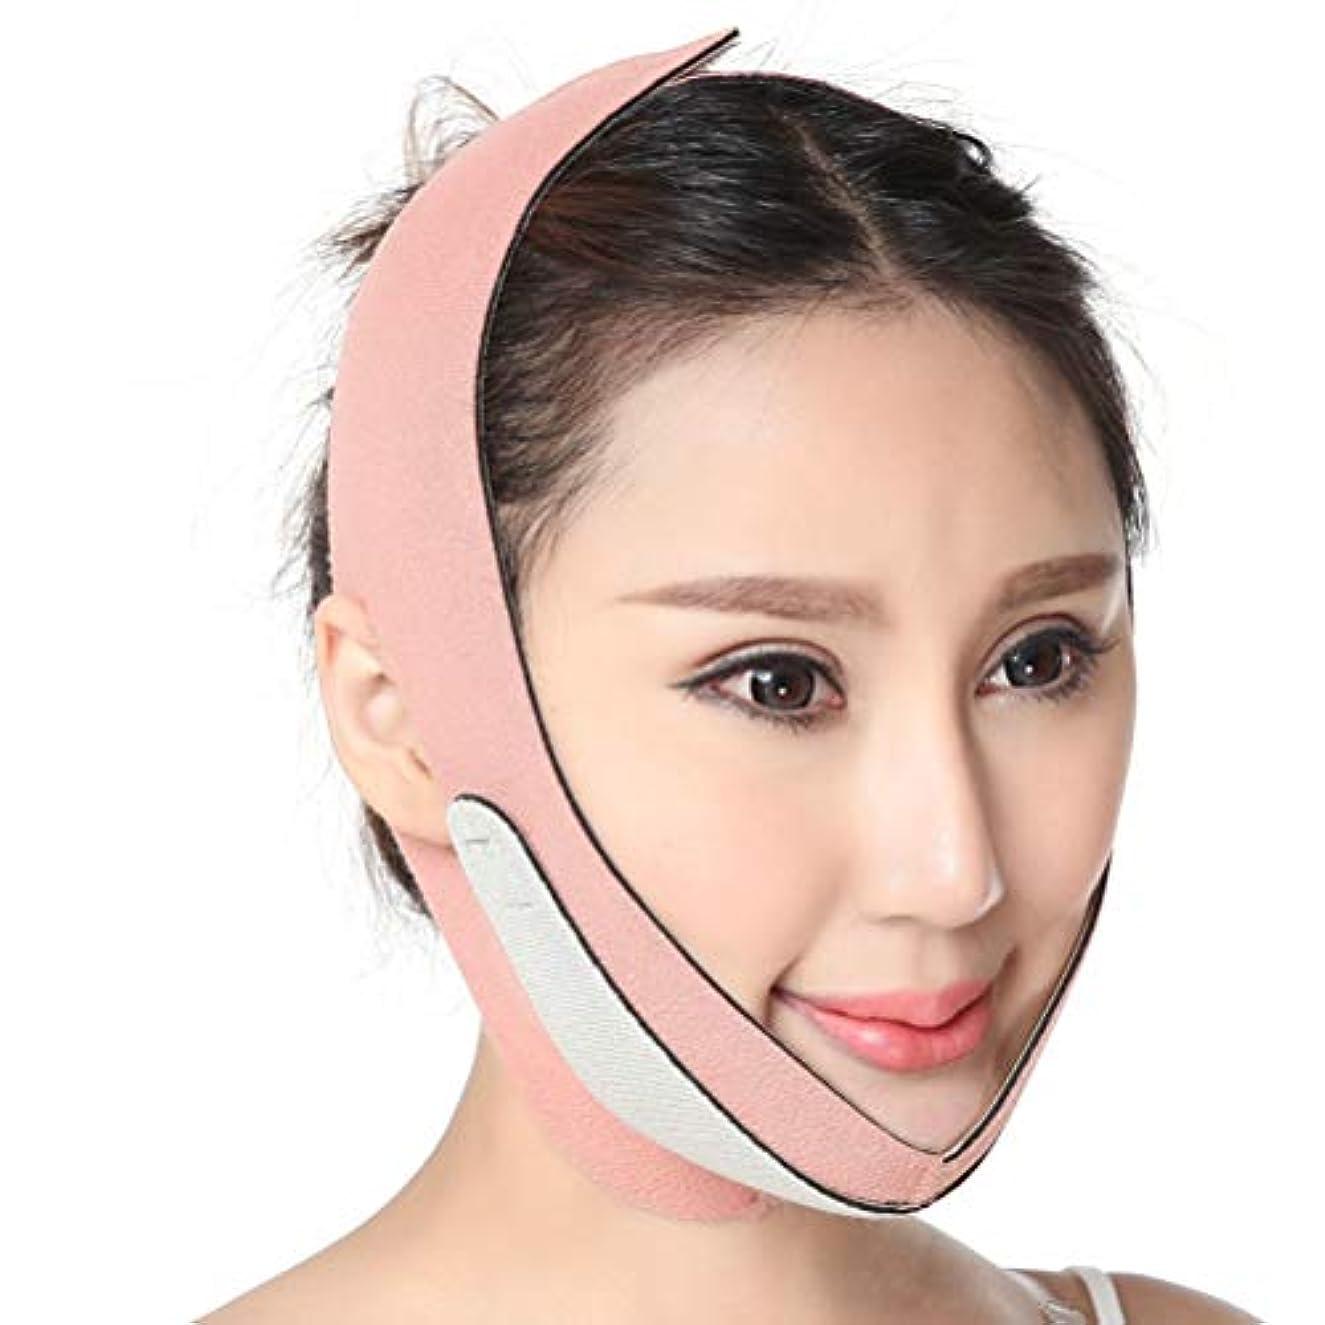 ハンカチ窒素回想Healifty フェイスリフティングマスクアーティファクトスモールVラインフェイスバンデージシンメッセンジャーマッスルチンストラップ(ピンク)